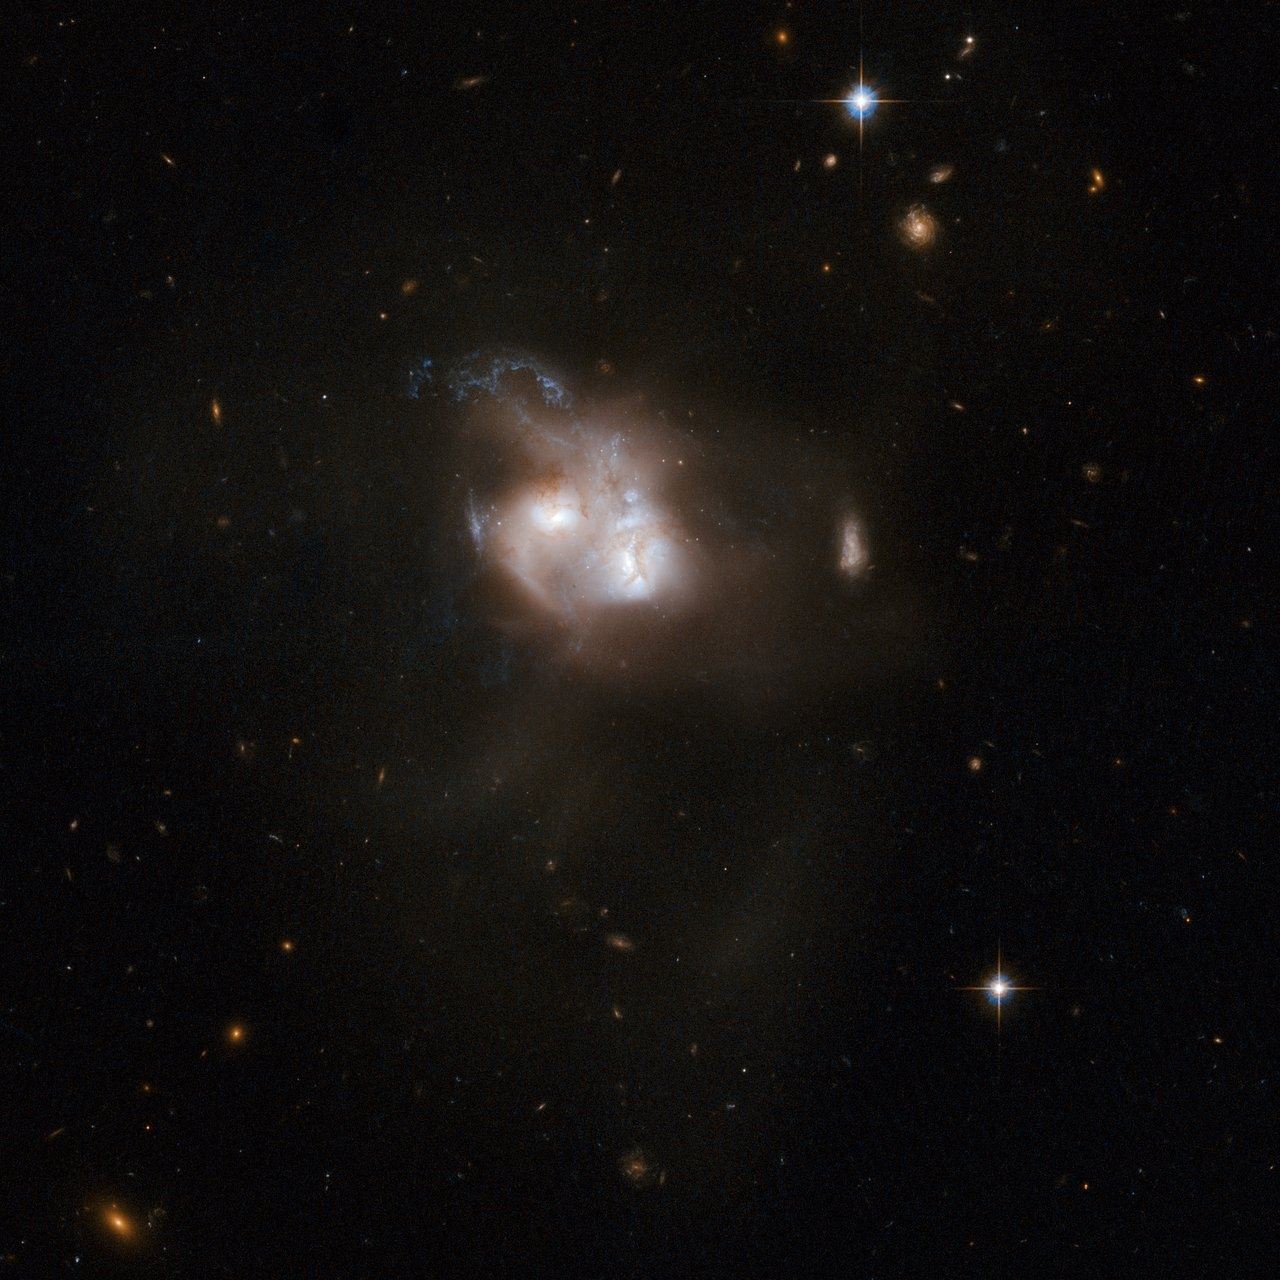 NGC 5256